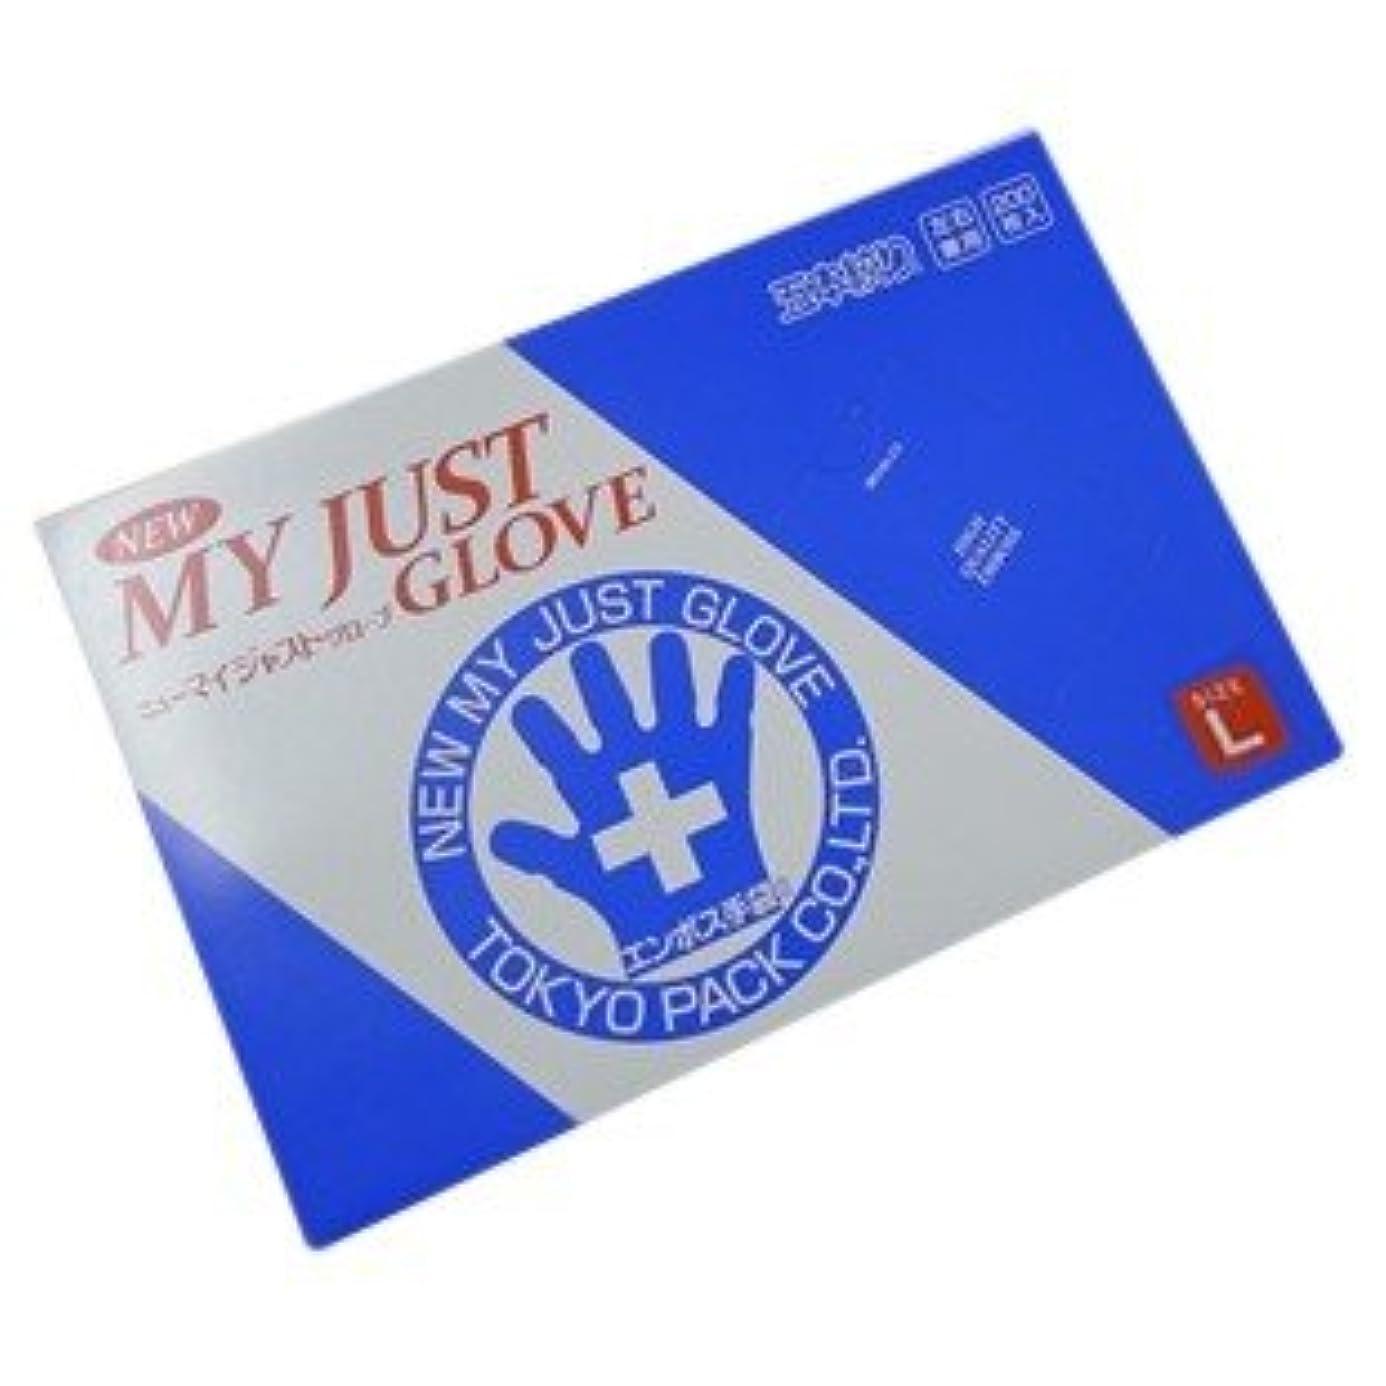 コンテンポラリー仕方入学するエンボス手袋 ニューマイジャストグローブ L 200枚 東京パック 海外品